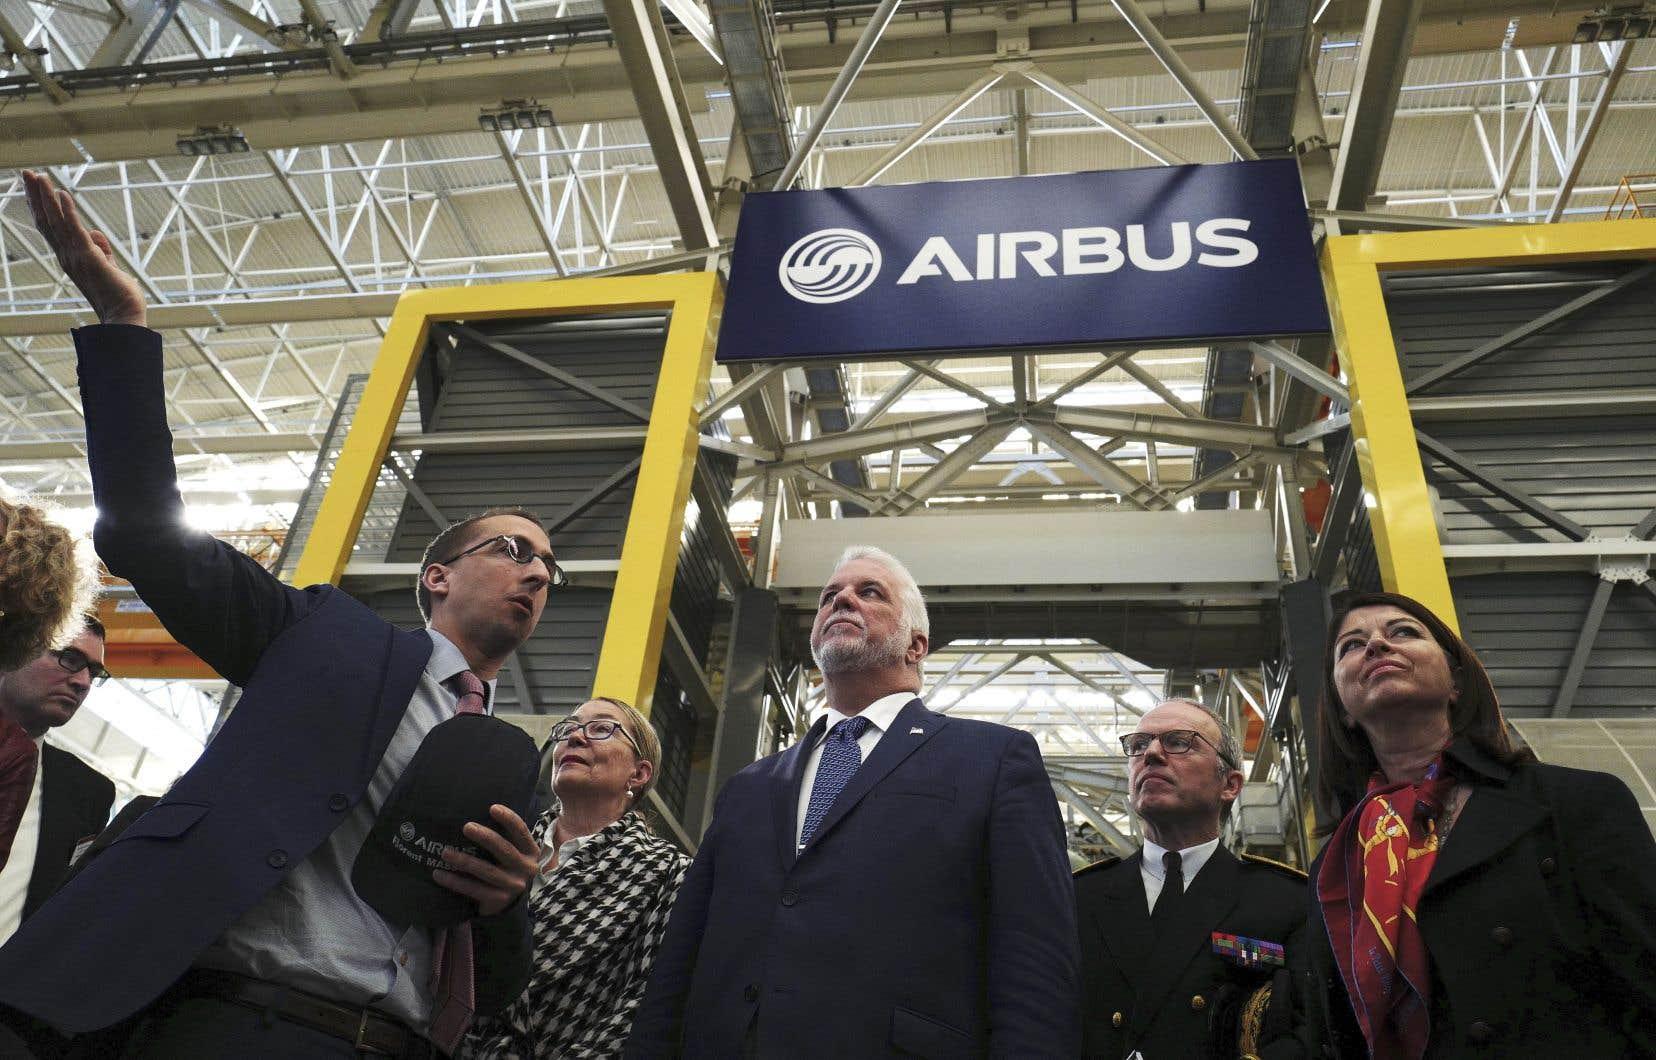 M.Couillard a visité les installations du conglomérat européen Airbus, à Toulouse, dans le cadre de sa mission d'une semaine en France.